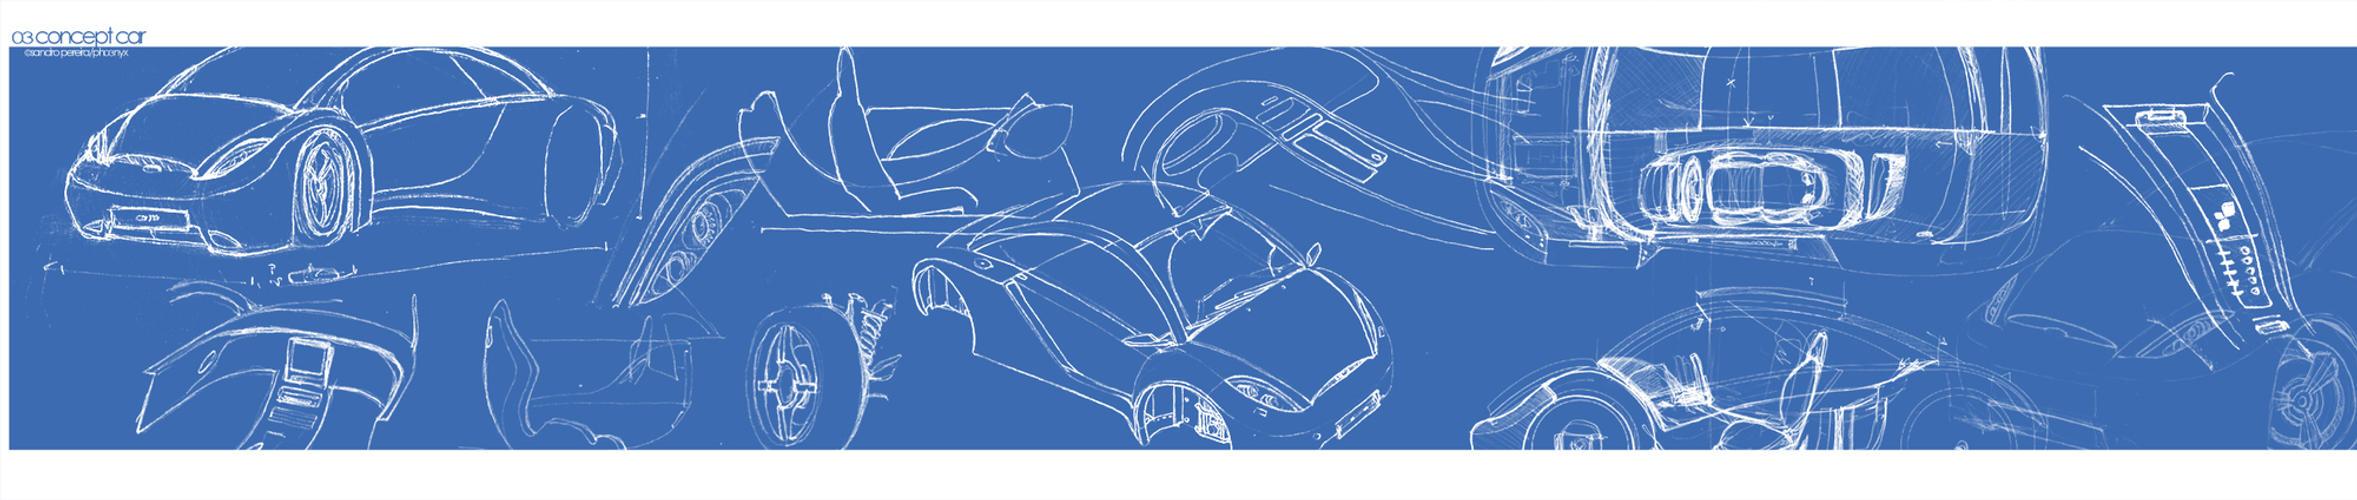 03 Concept Car - Sketches by sandrodcpereira